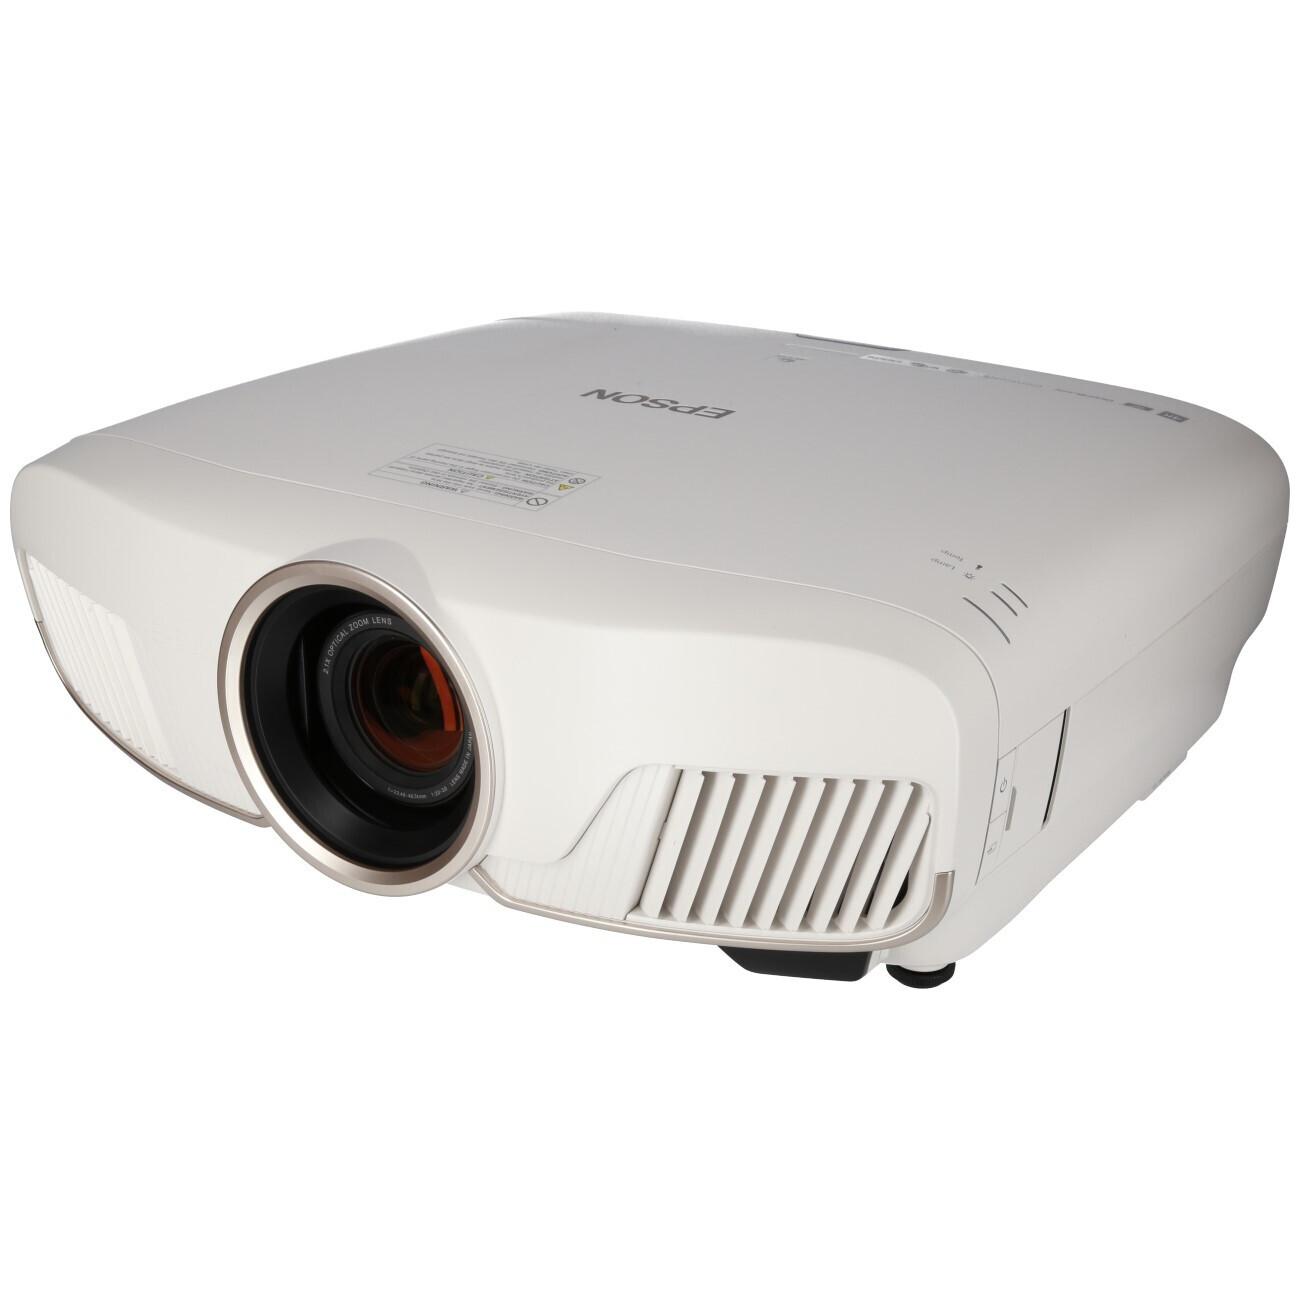 Epson EH-TW9300W 3D Heimkino Beamer mit 2500 ANSI-Lumen und Full-HD